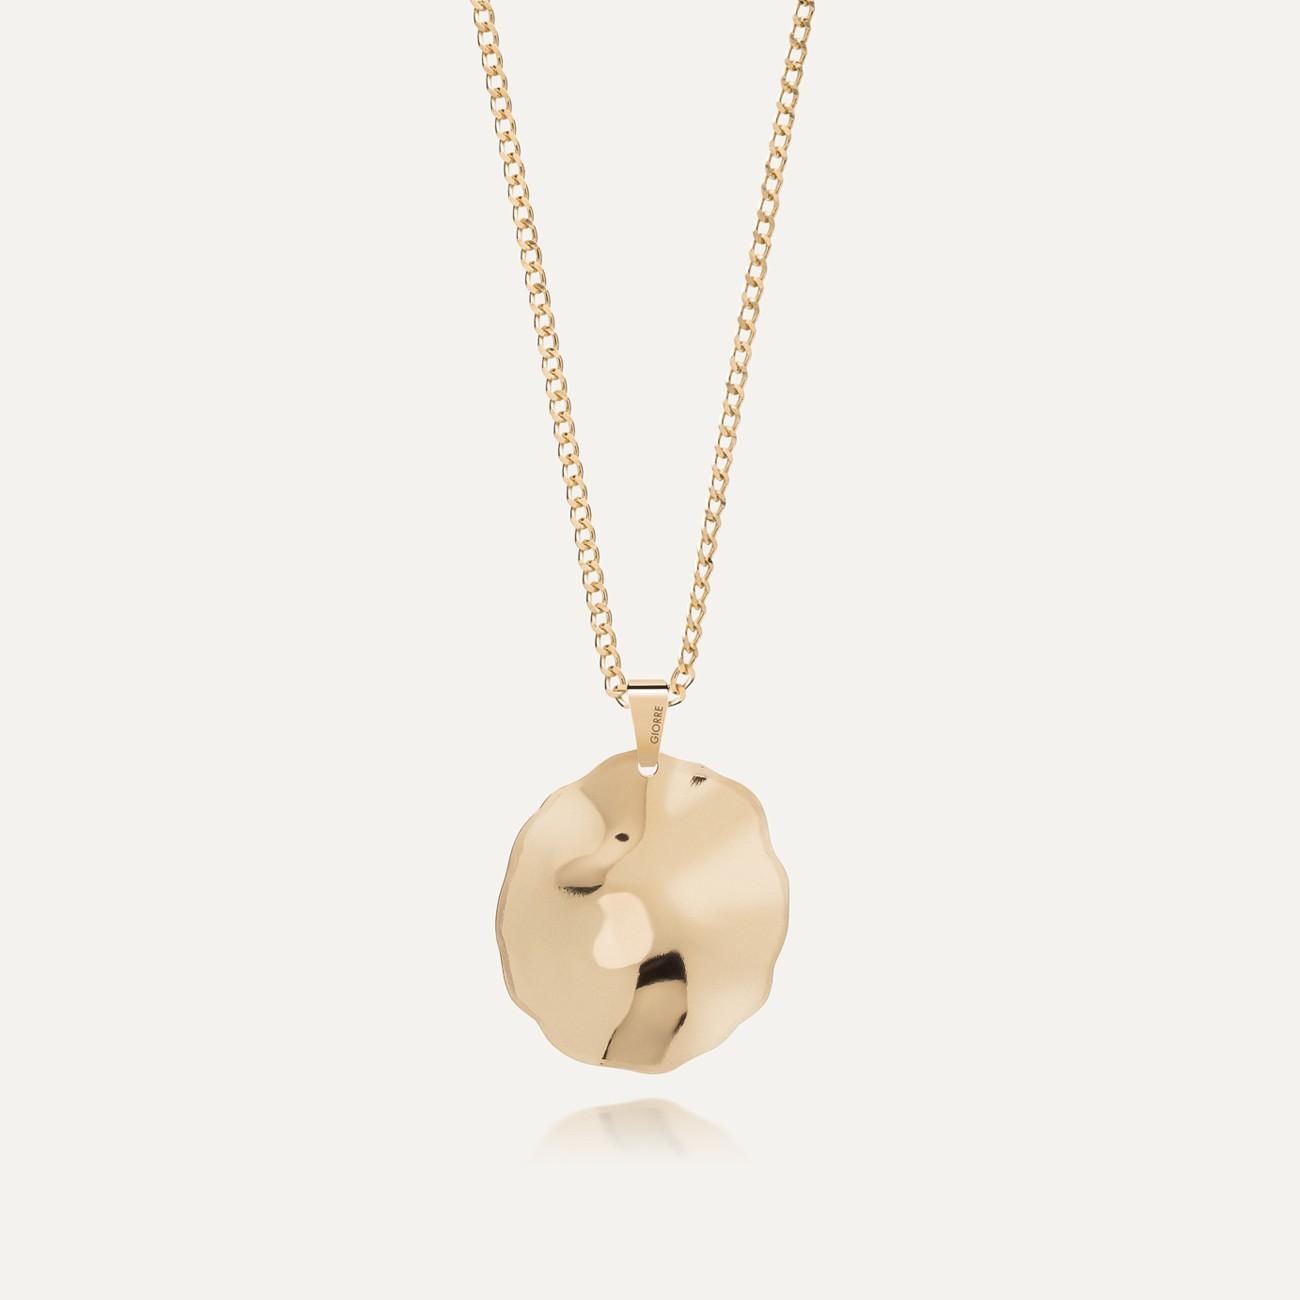 Srebrny naszyjnik z blaszką gniecioną, srebro 925